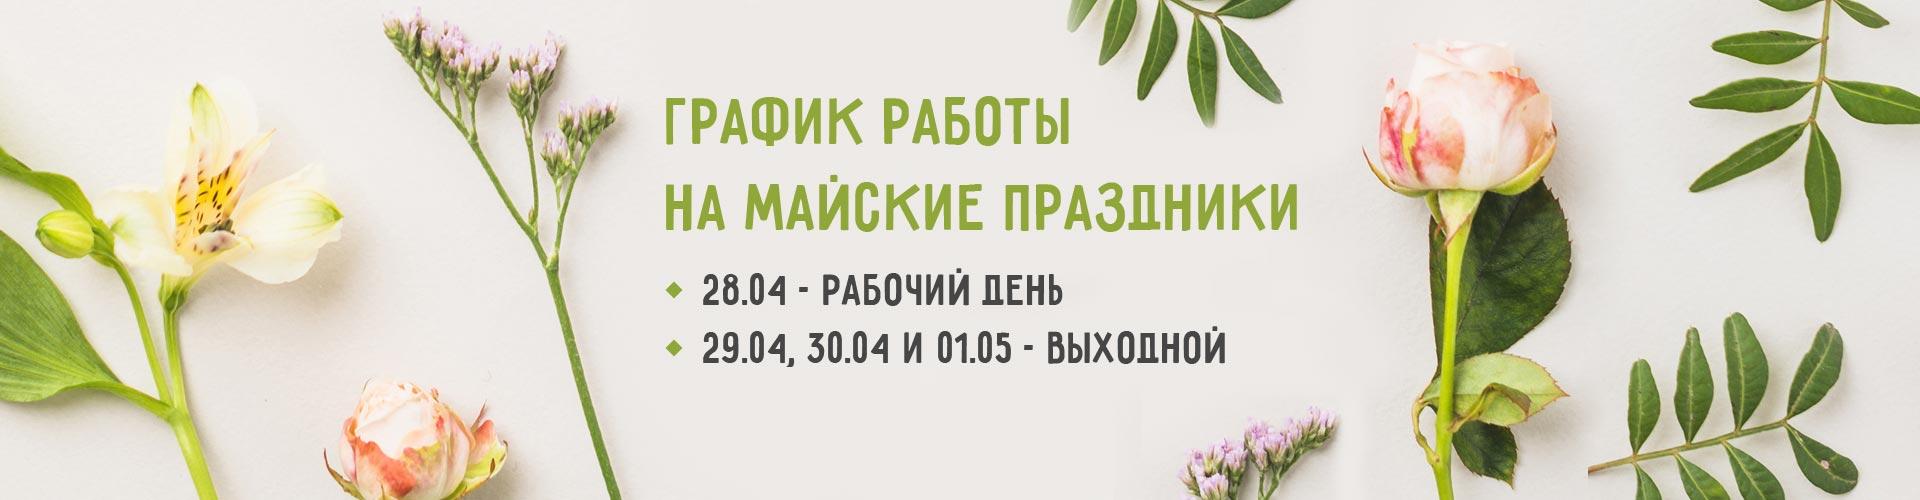 grafik-rabotyi-na-mayskie